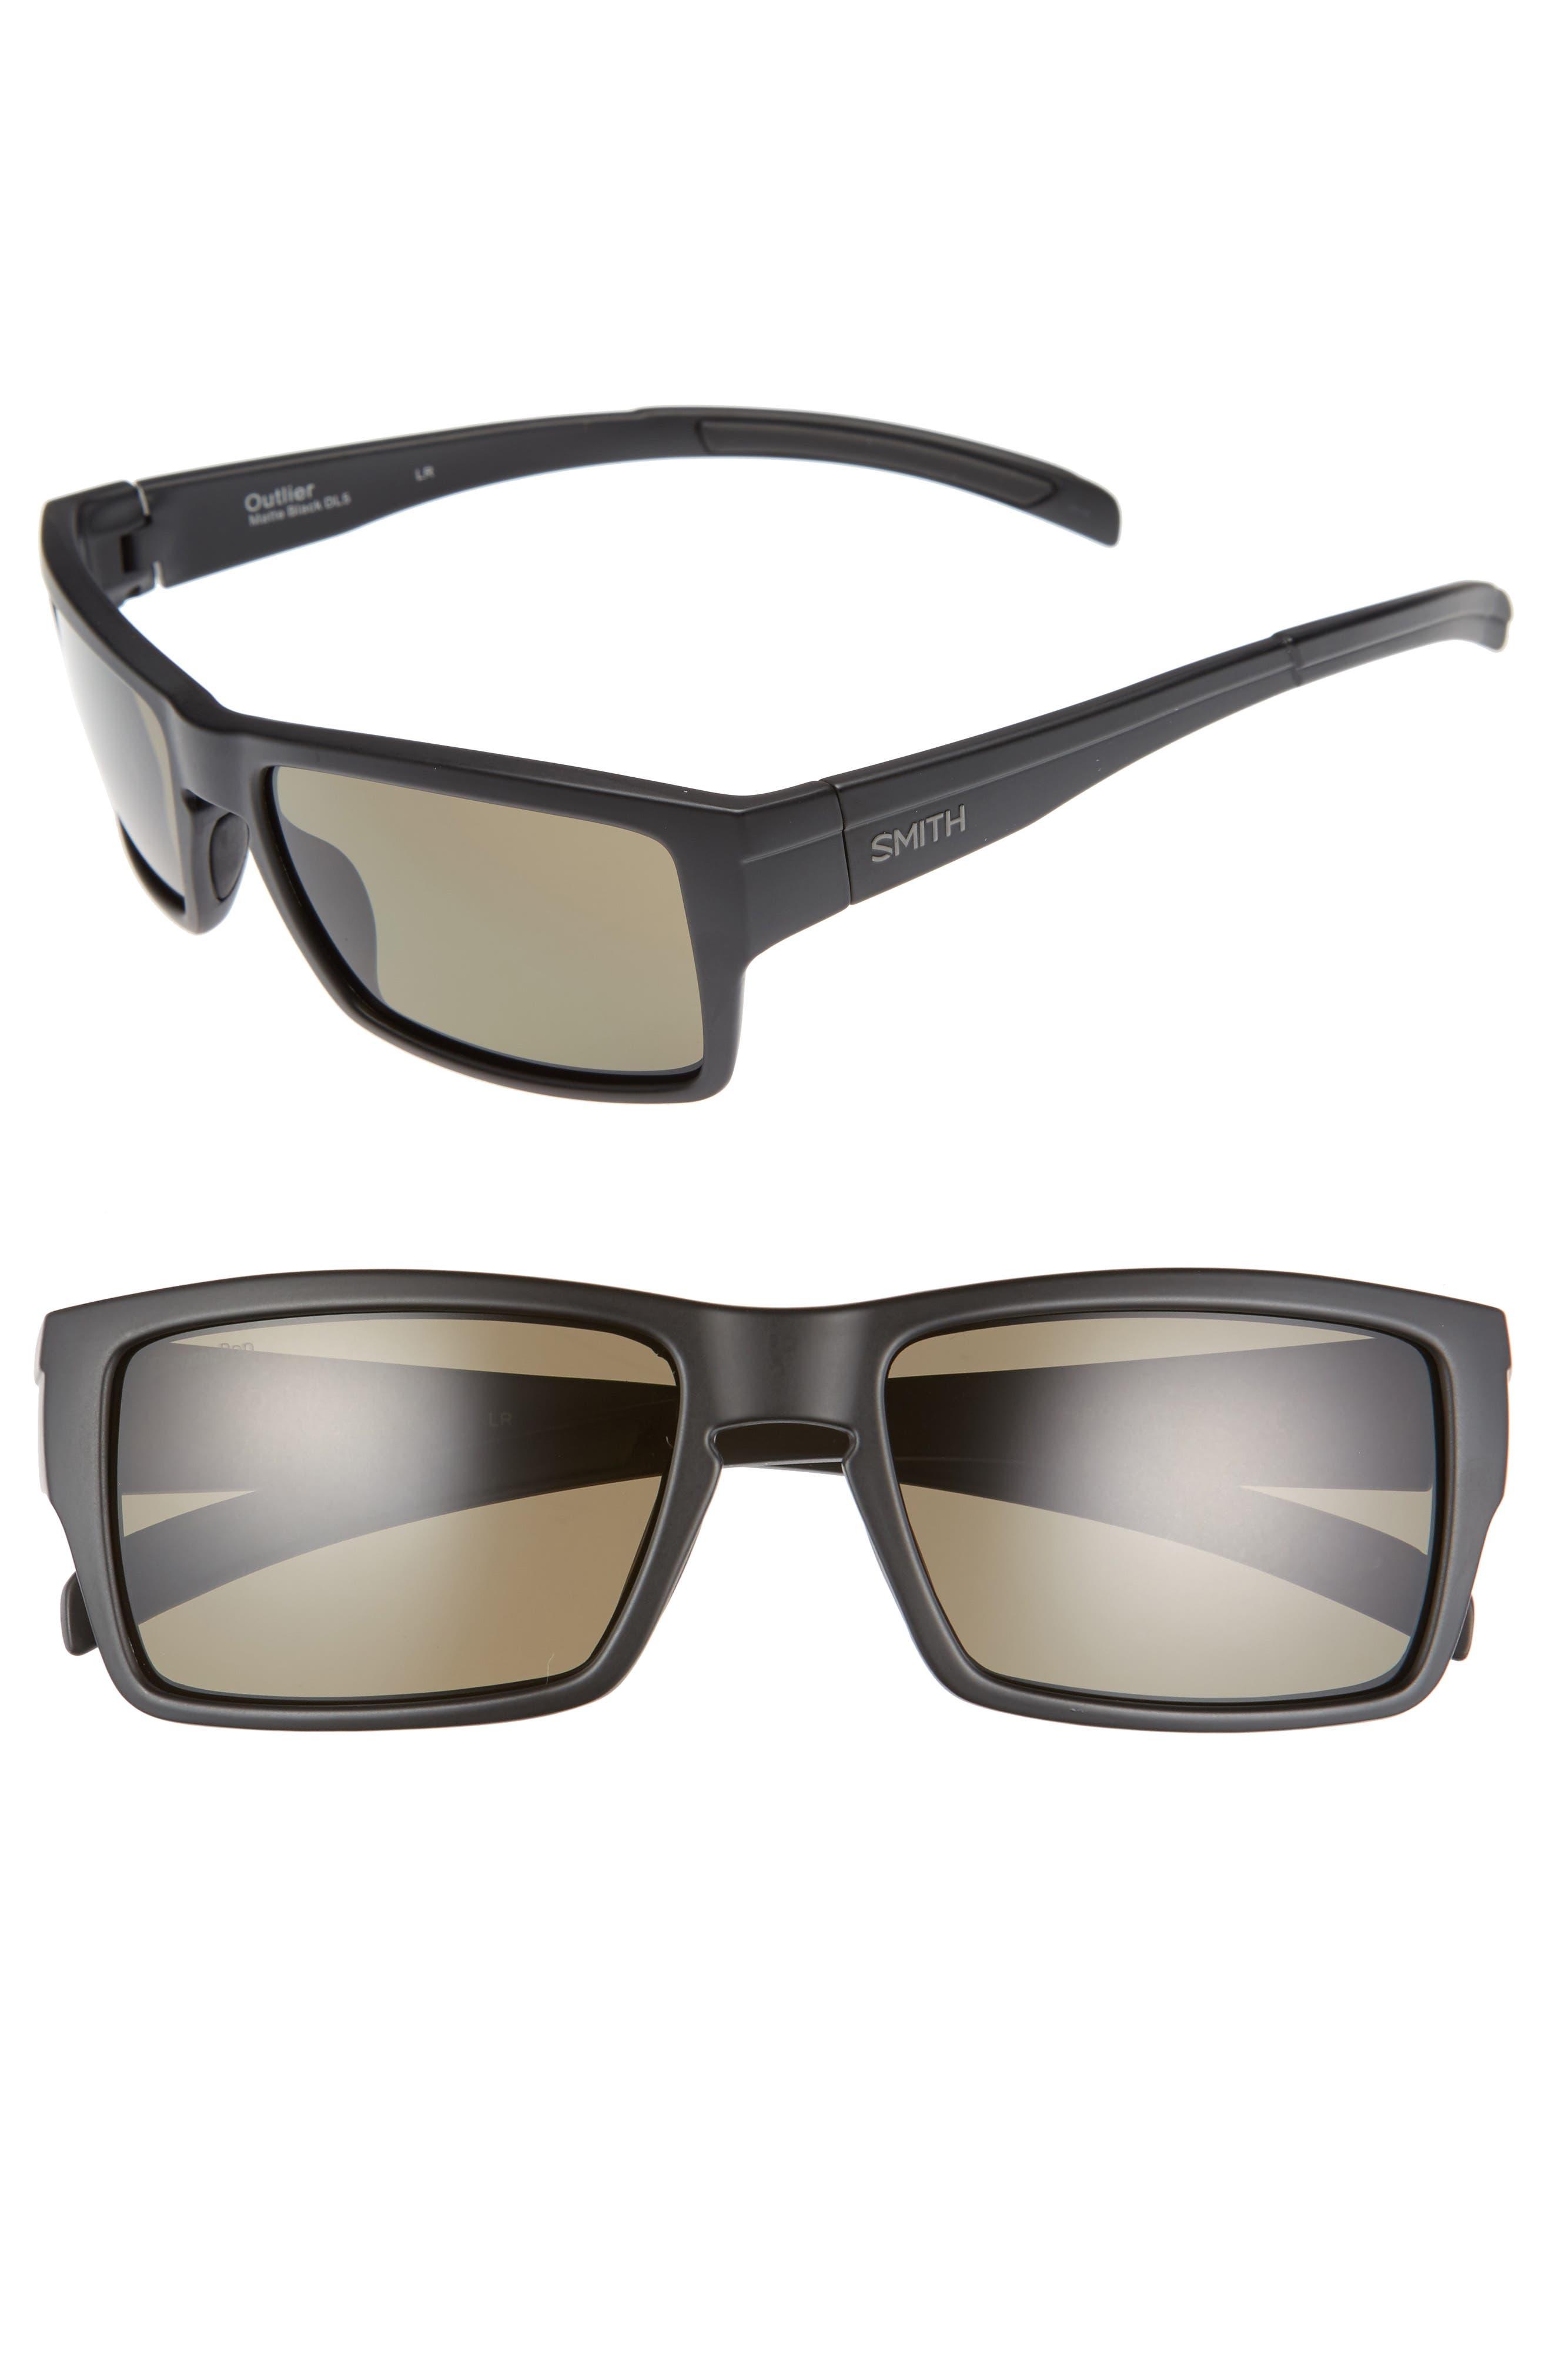 Outlier 56mm ChromaPop Polarized Sunglasses,                         Main,                         color,